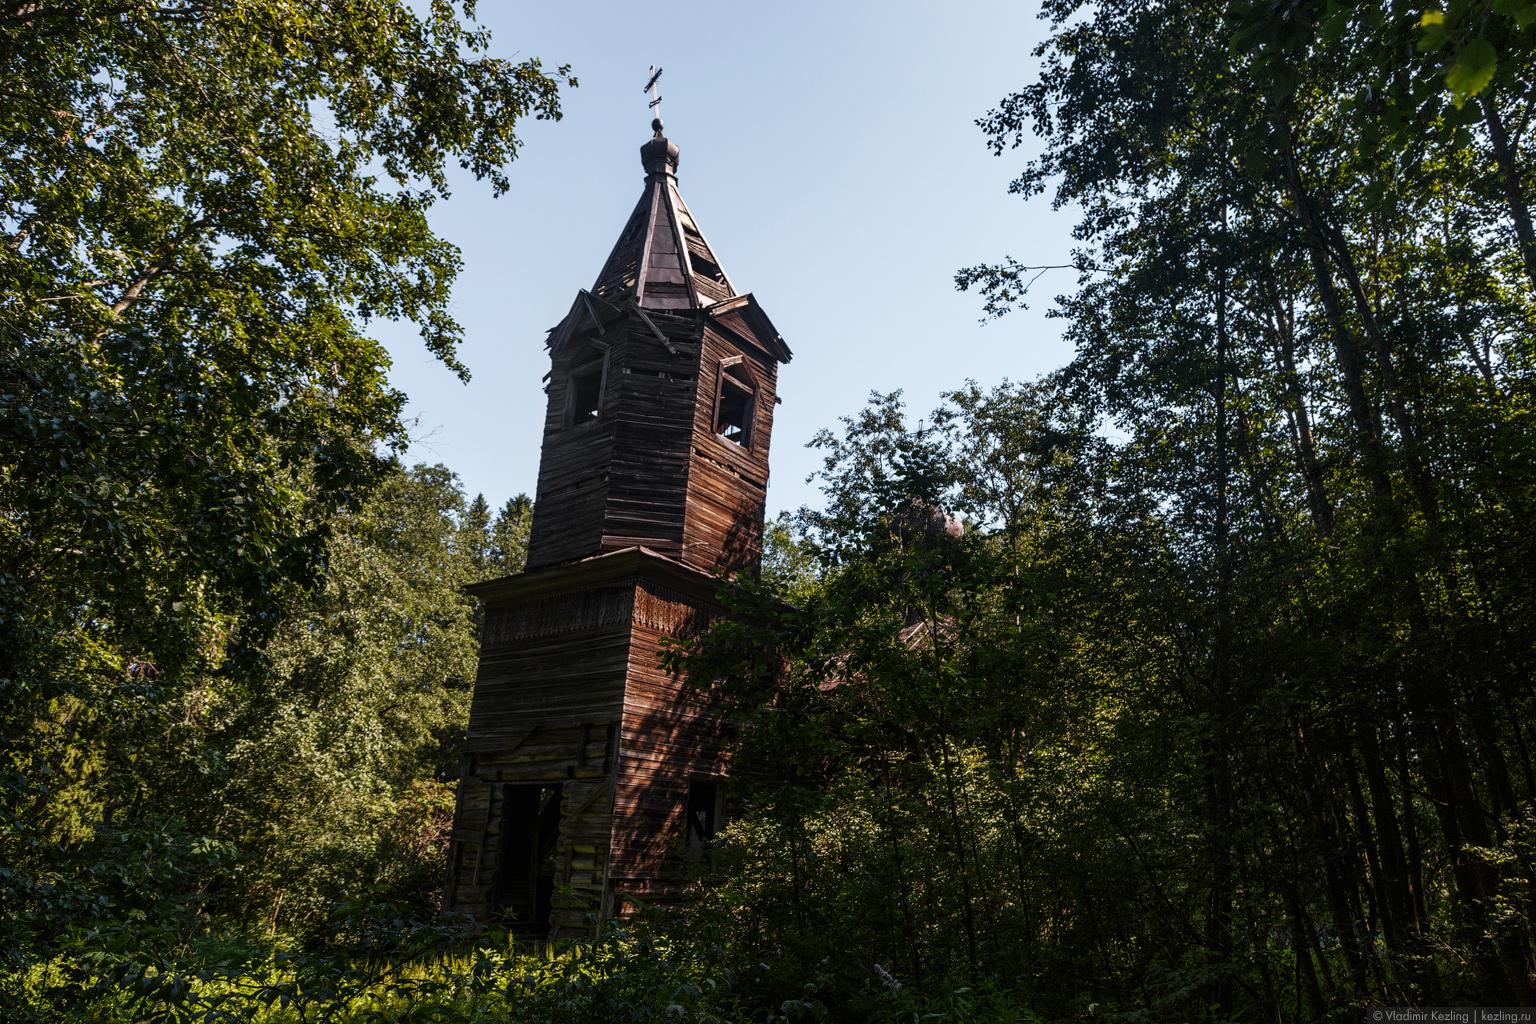 Открывая Ленобласть. 4-й выезд. Забвенная церковь в деревне Поддубье или История про вопросы без ответов